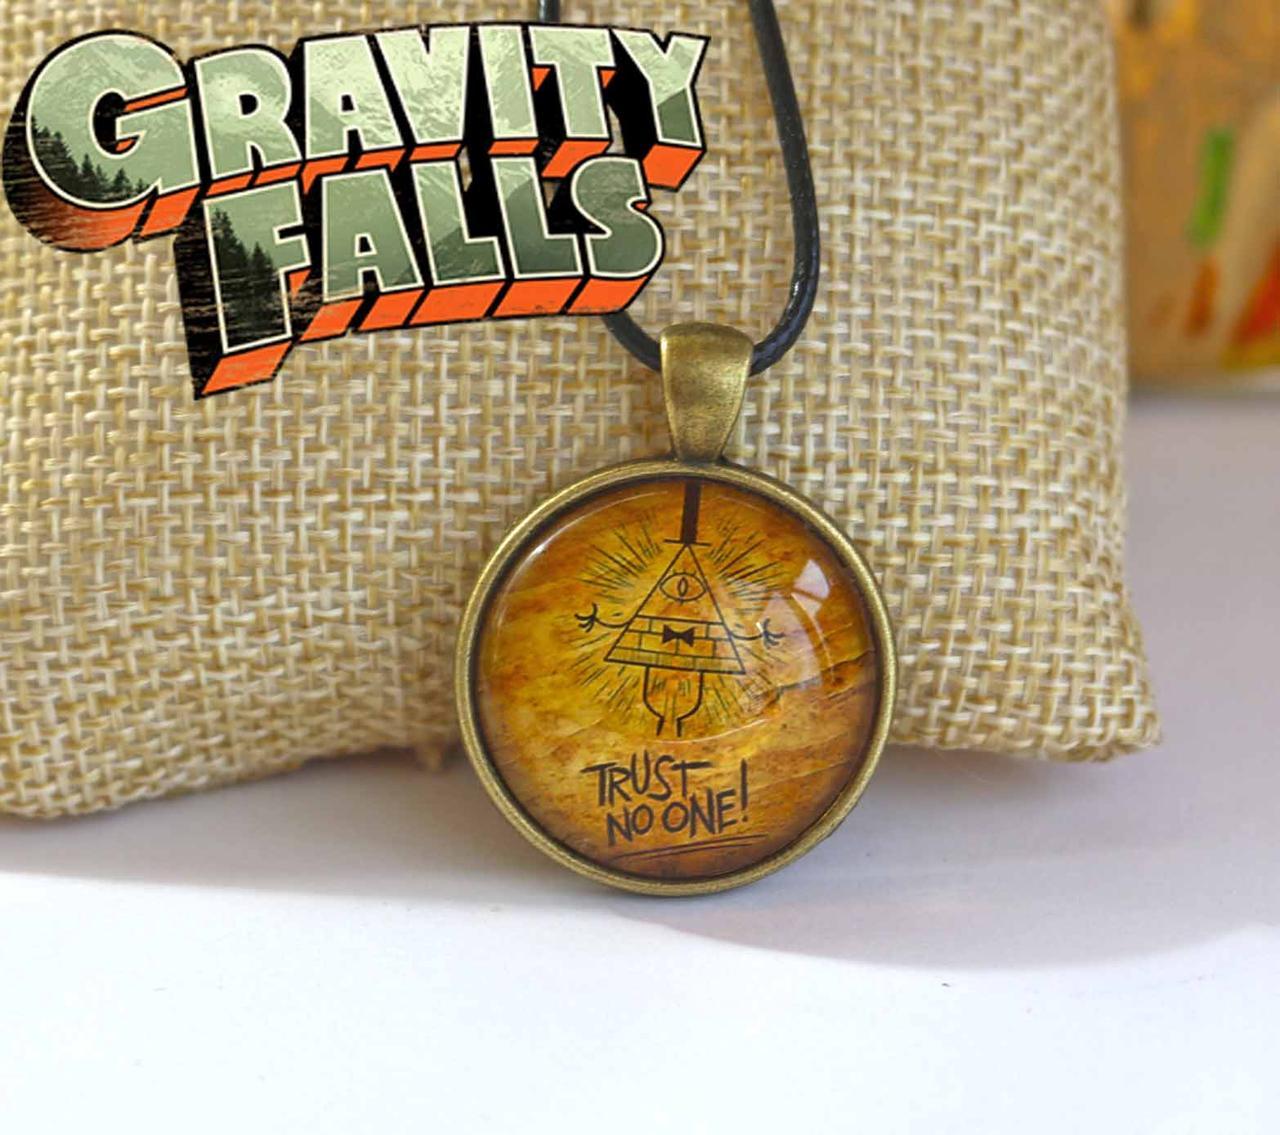 Подвеска стеклянная Gravity Falls Гравити Фолз Trust No One! Не верь никому